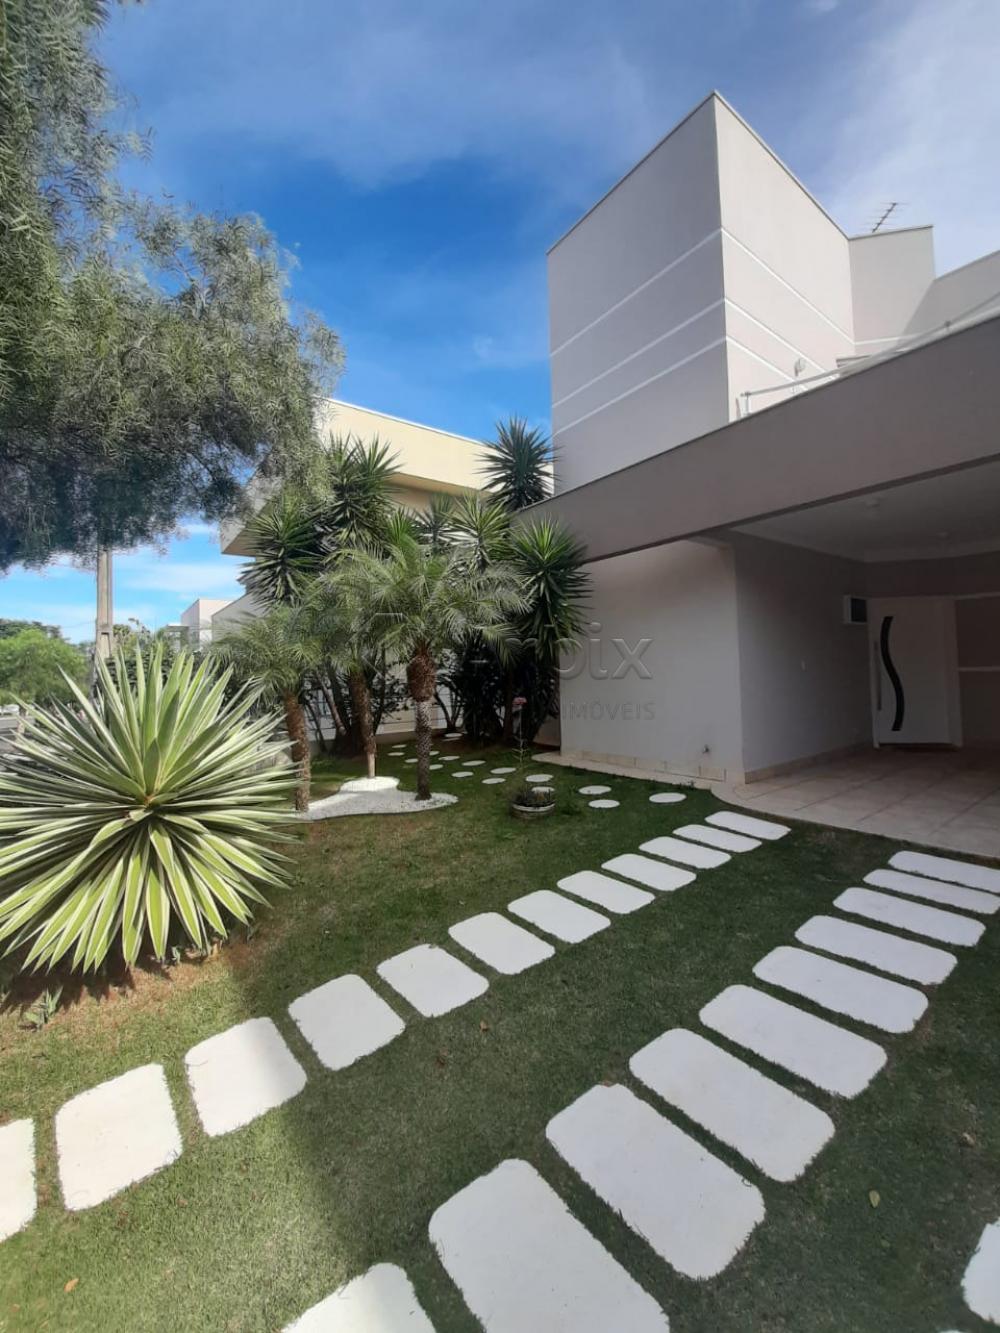 Americana Casa Venda R$1.350.000,00 Condominio R$511,00 3 Dormitorios 3 Suites Area do terreno 360.00m2 Area construida 205.00m2